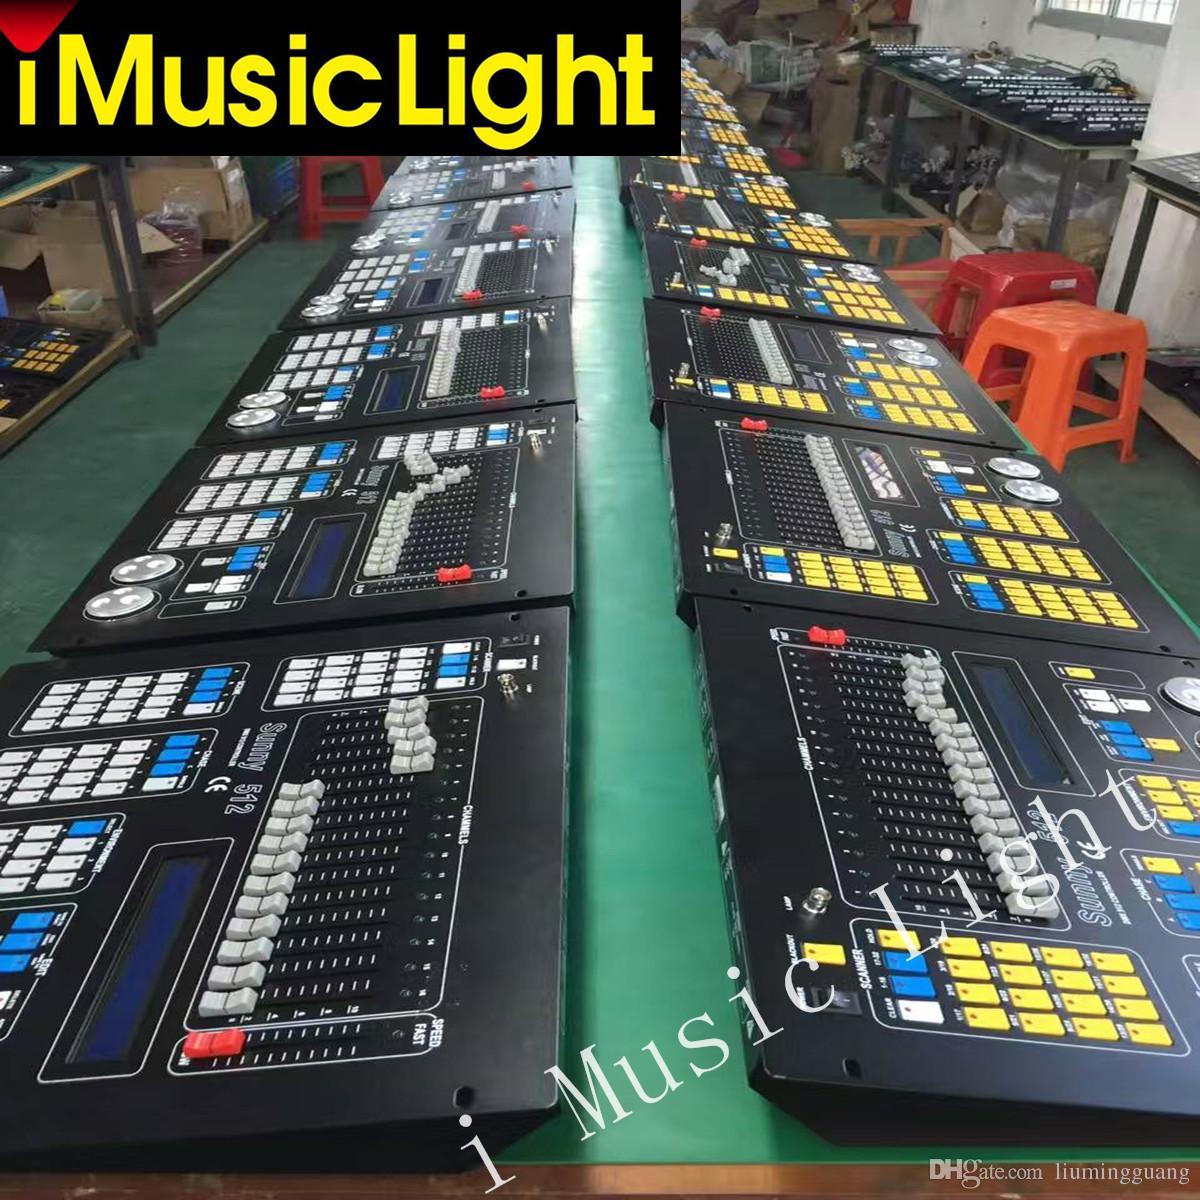 Nova Ensolarado Controlador Dj Sunny512 Consola de Luz 512 Dmx Canais de Controle 32 Luzes de Cabeça Em Movimento 2 interface de saída dmx controlador